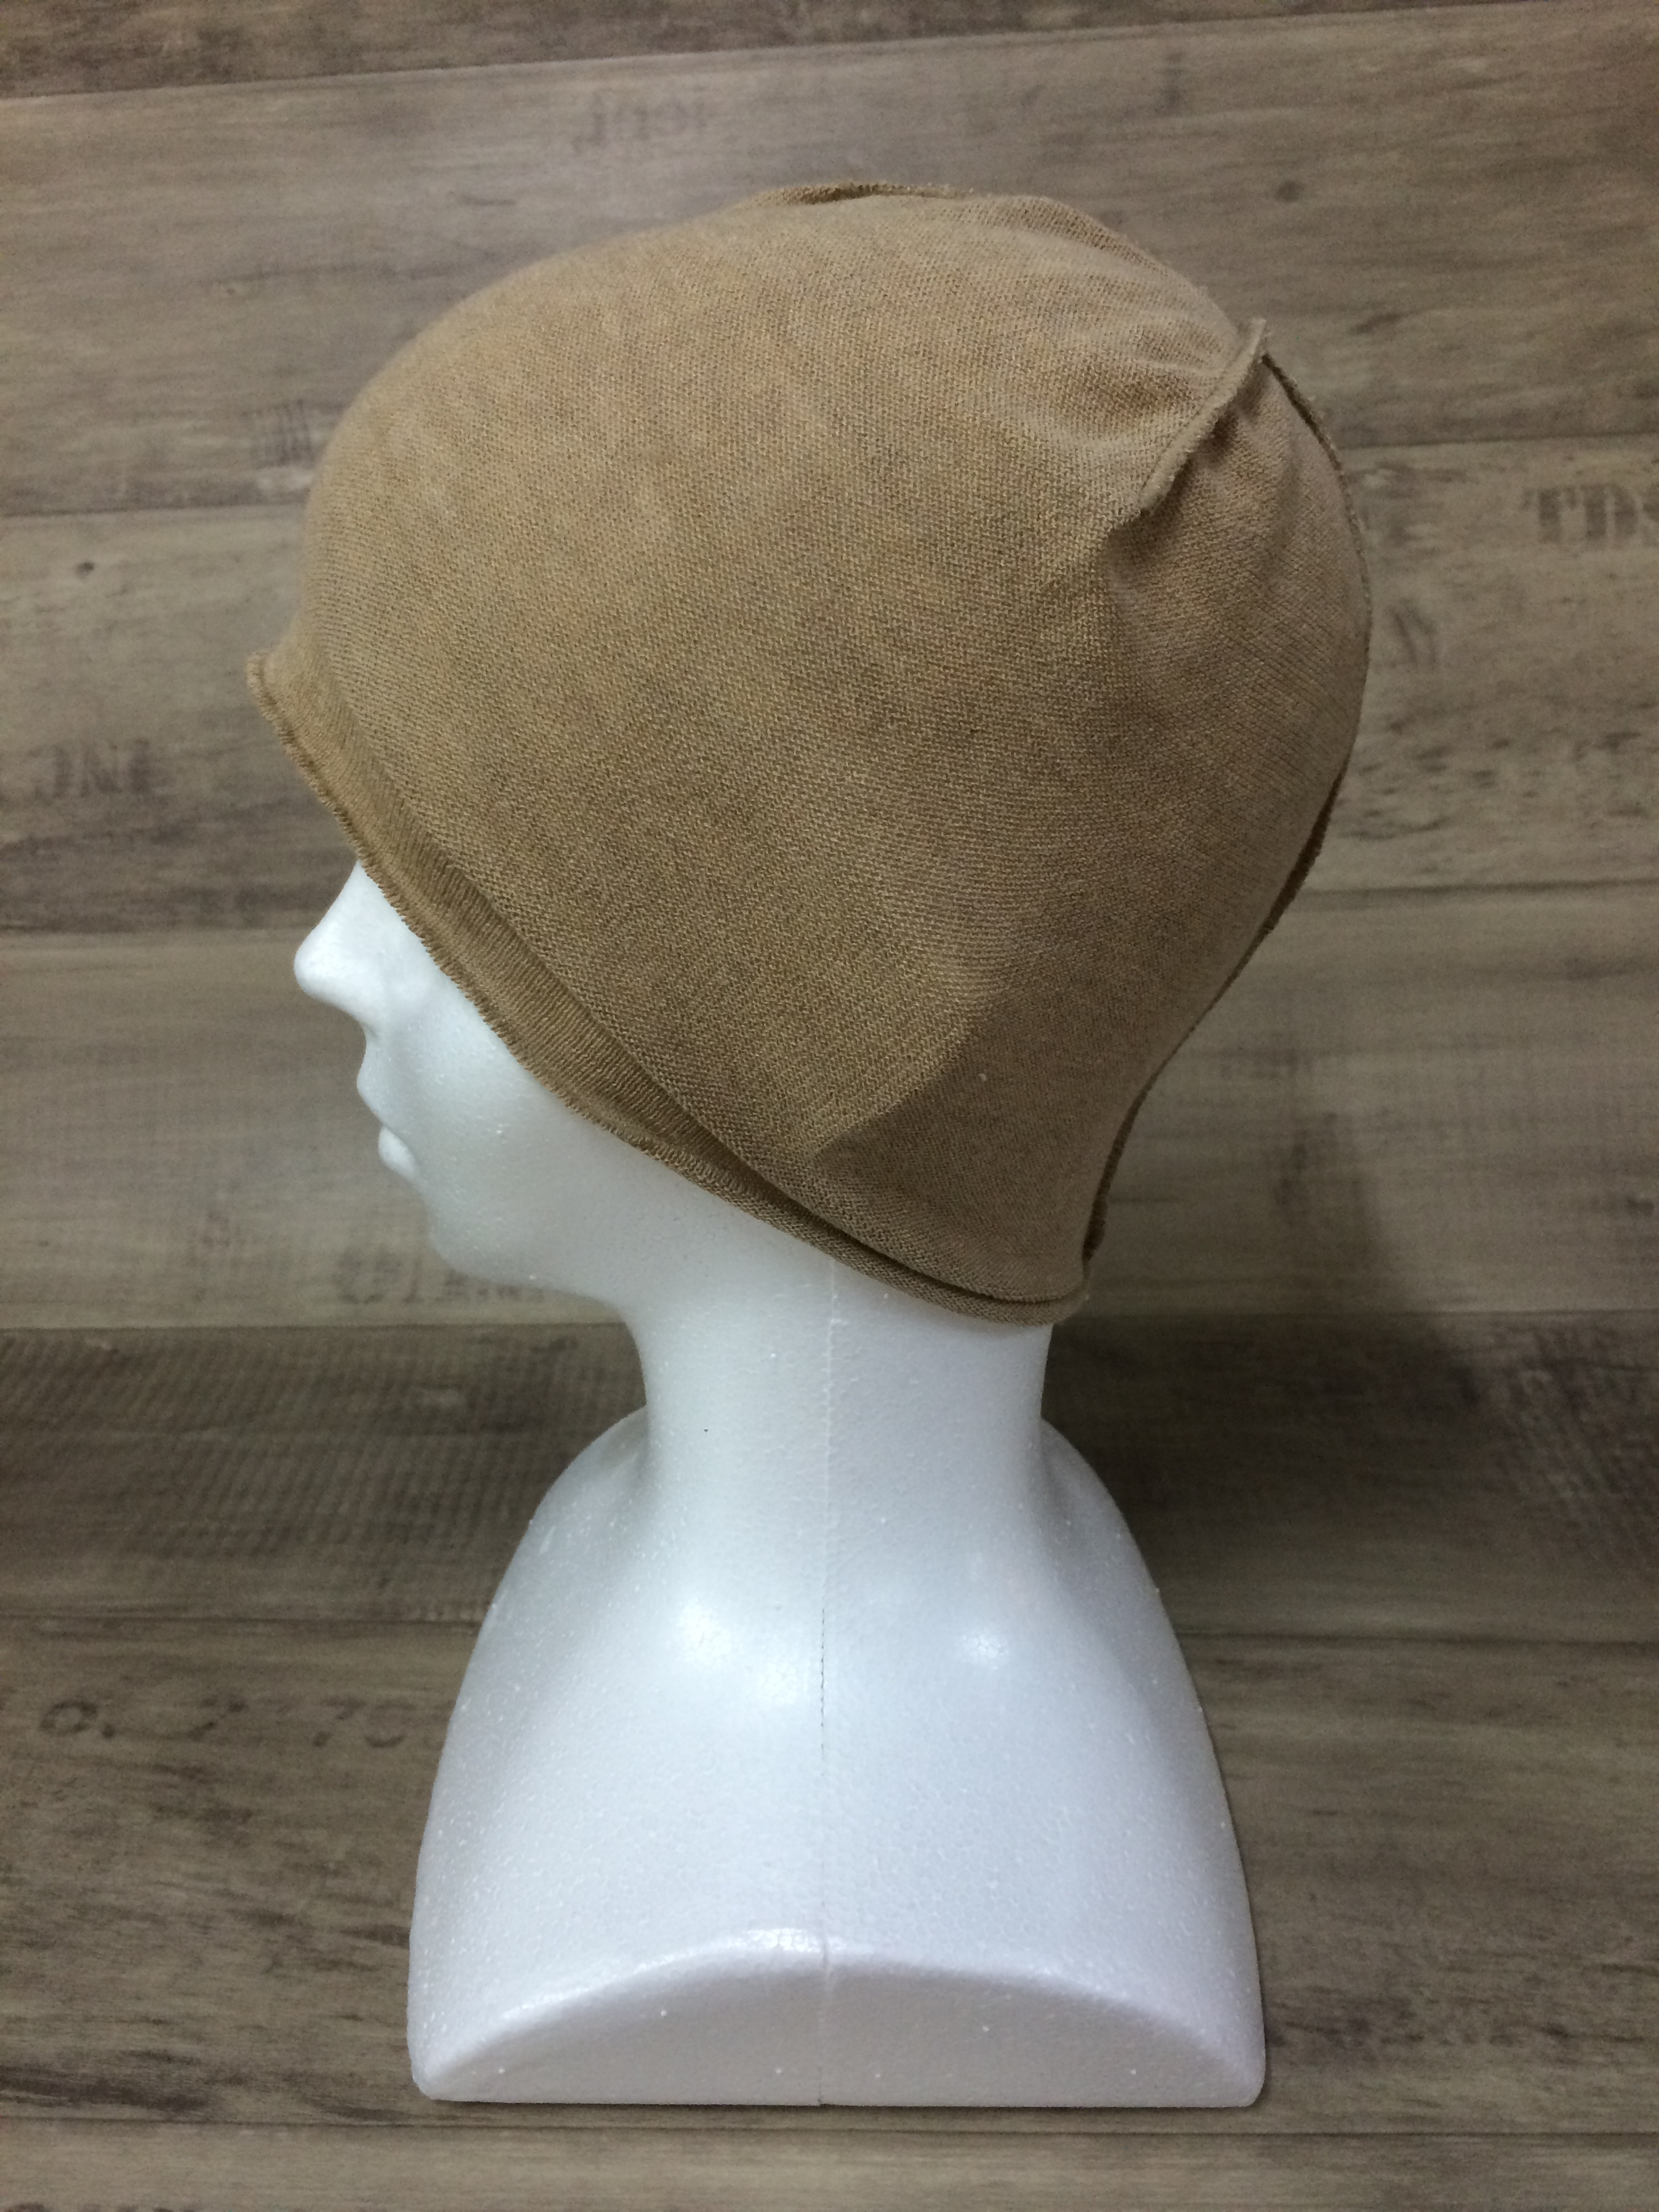 【送料無料】こころが軽くなるニット帽子amuamu|新潟の老舗ニットメーカーが考案した抗がん治療中の脱毛ストレスを軽減する機能性と豊富なデザイン NB-6057|カフェモカ <オーガニックコットン インナー>